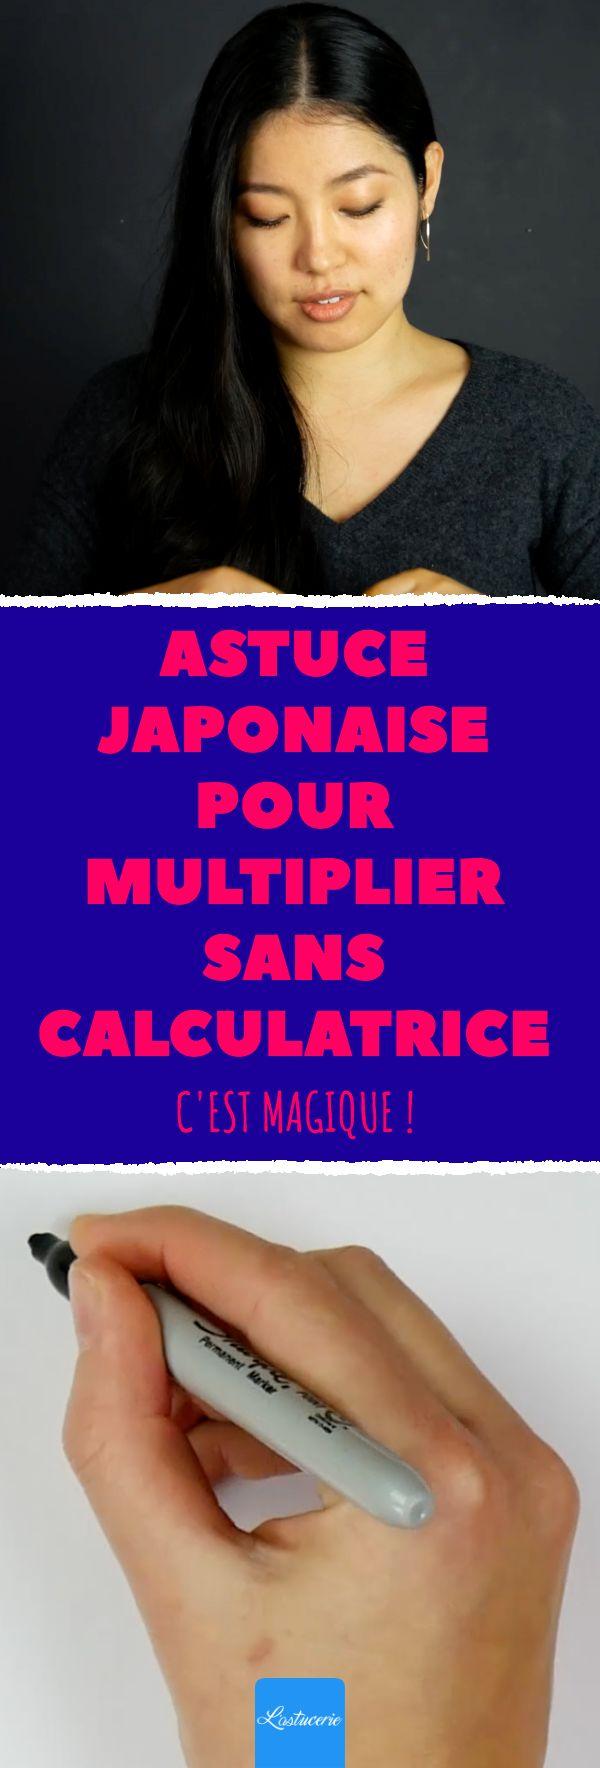 Astuce japonaise pour multiplier sans calculatrice.  C'est magique ! #calcul #me…